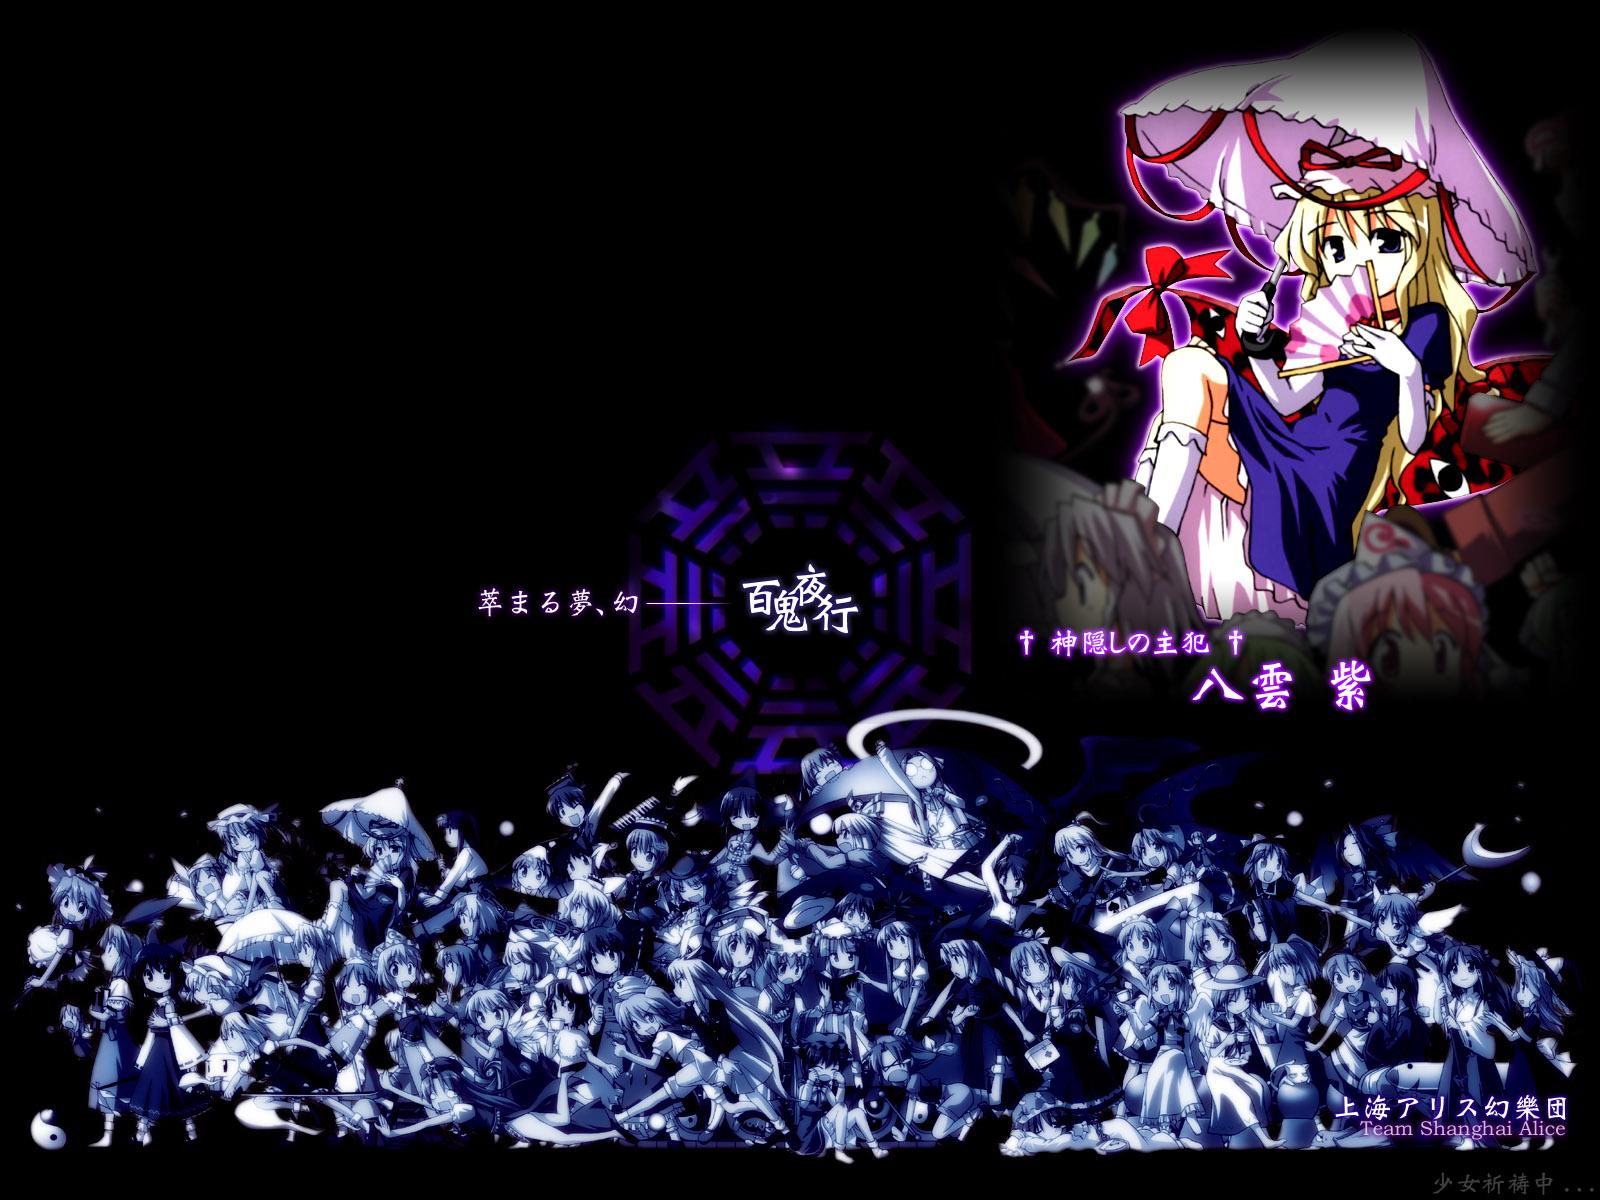 alice_margatroid animal_ears asakura_rikako bakebake bunny_ears bunnygirl catgirl chen cirno daiyousei demon doll ellen elly fairy flandre_scarlet foxgirl fujiwara_no_mokou gengetsu genjii hakurei_reimu hong_meiling hoshizako houraisan_kaguya inaba_tewi izayoi_sakuya japanese_clothes kamishirasawa_keine kana_anaberal kazami_yuuka kirisame_marisa kitashirakawa_chiyuri koakuma konpaku_youmu kotohime kurumi_(touhou) letty_whiterock lily_white luize lunasa_prismriver lyrica_prismriver maid mai_(touhou) male maribel_han meira merlin_prismriver miko mima mimi-chan morichika_rinnosuke mugetsu_(touhou) myon mystia_lorelei okazaki_yumemi orange_(touhou) patchouli_knowledge reisen_udongein_inaba remilia_scarlet rika_(touhou) rumia ruukoto saigyouji_yuyuko sara shanghai_doll shinki sokrates_(touhou) tokiko toto_nemigi touhou usami_renko vampire witch wriggle_nightbug yagokoro_eirin yakumo_ran yakumo_yukari yuki_(touhou) yumeko